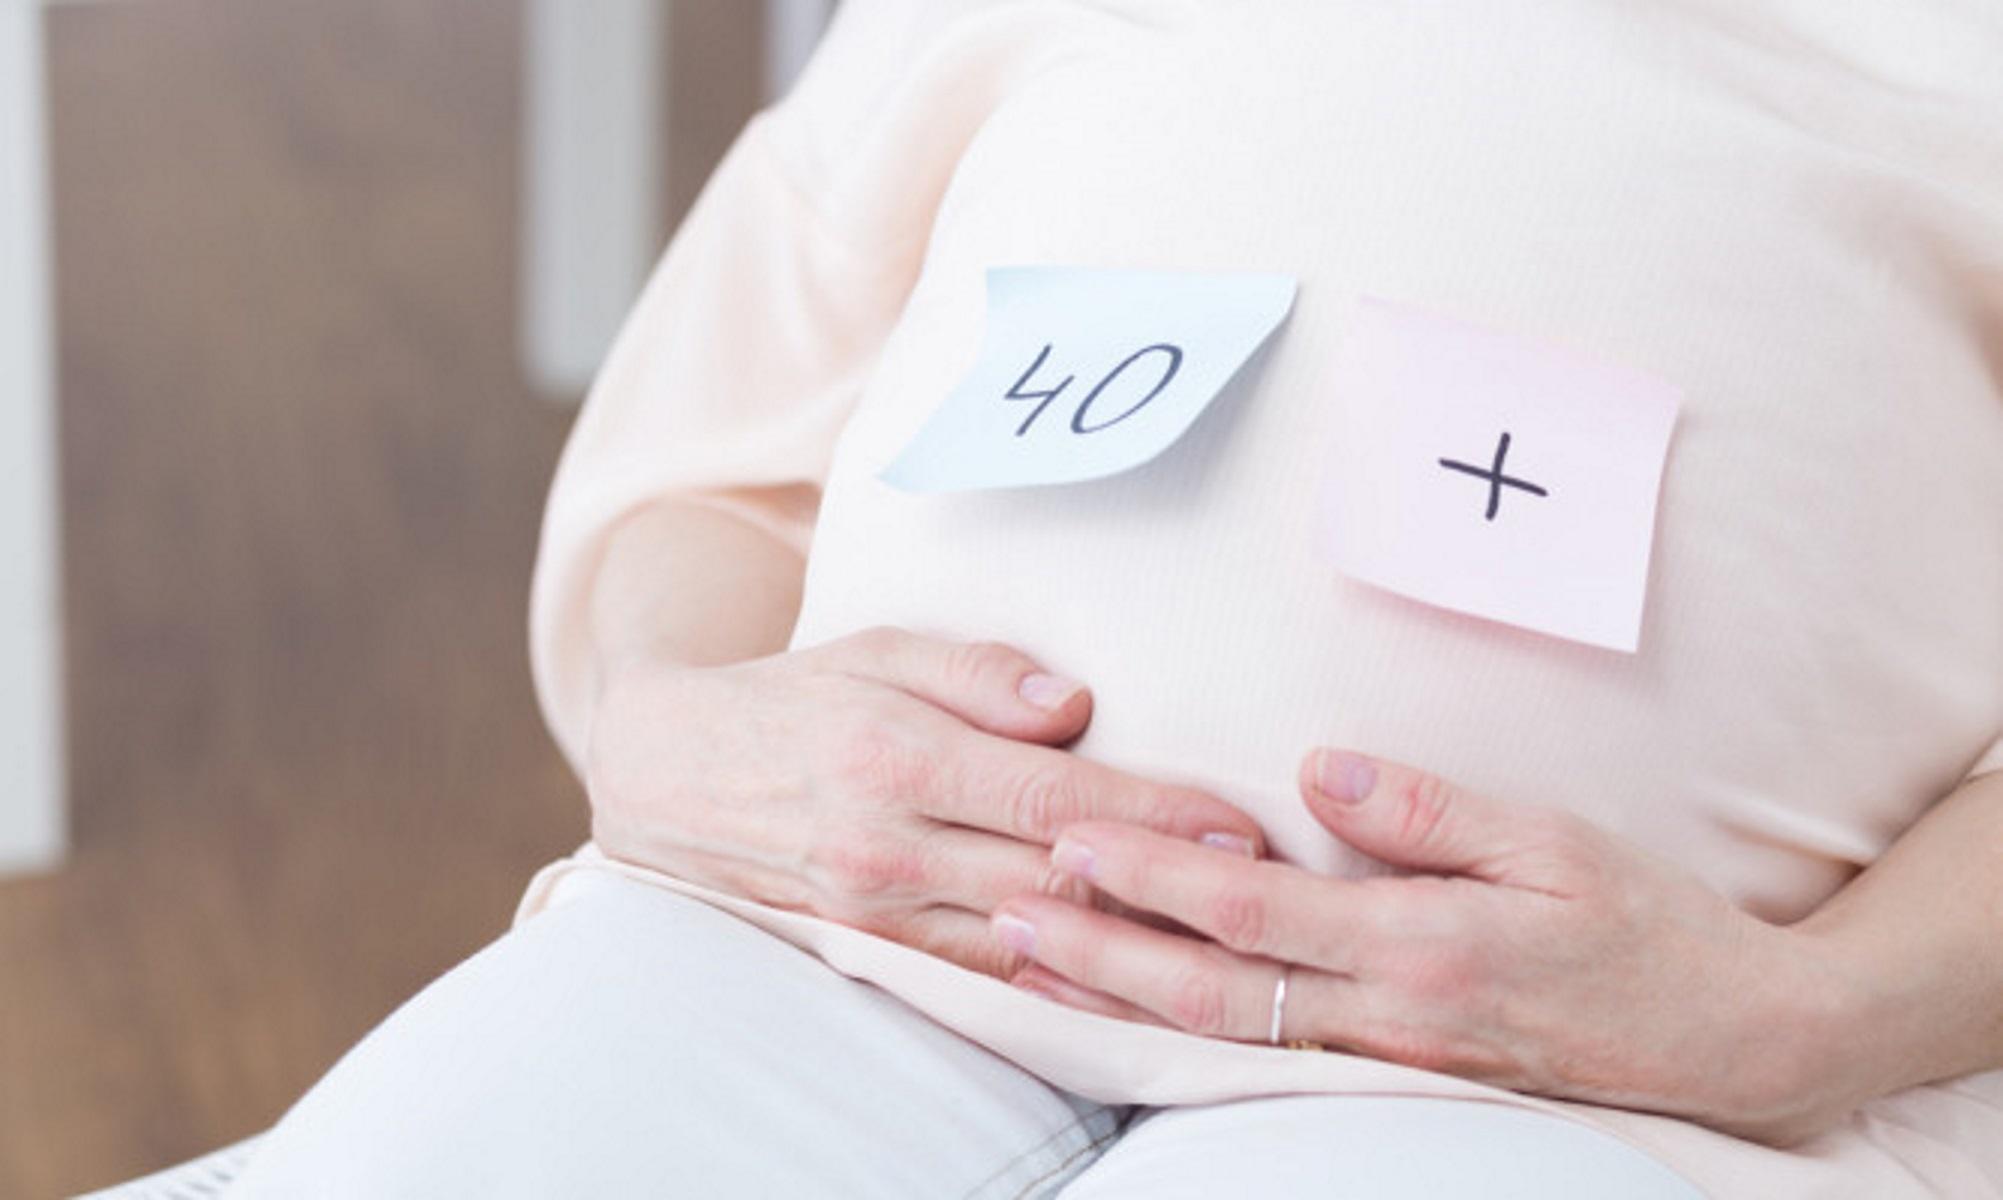 Ανακαλύφθηκαν 290 γενετικοί παράγοντες που επηρεάζουν τον χρόνο της εμμηνόπαυσης – Τα νέα δεδομένα